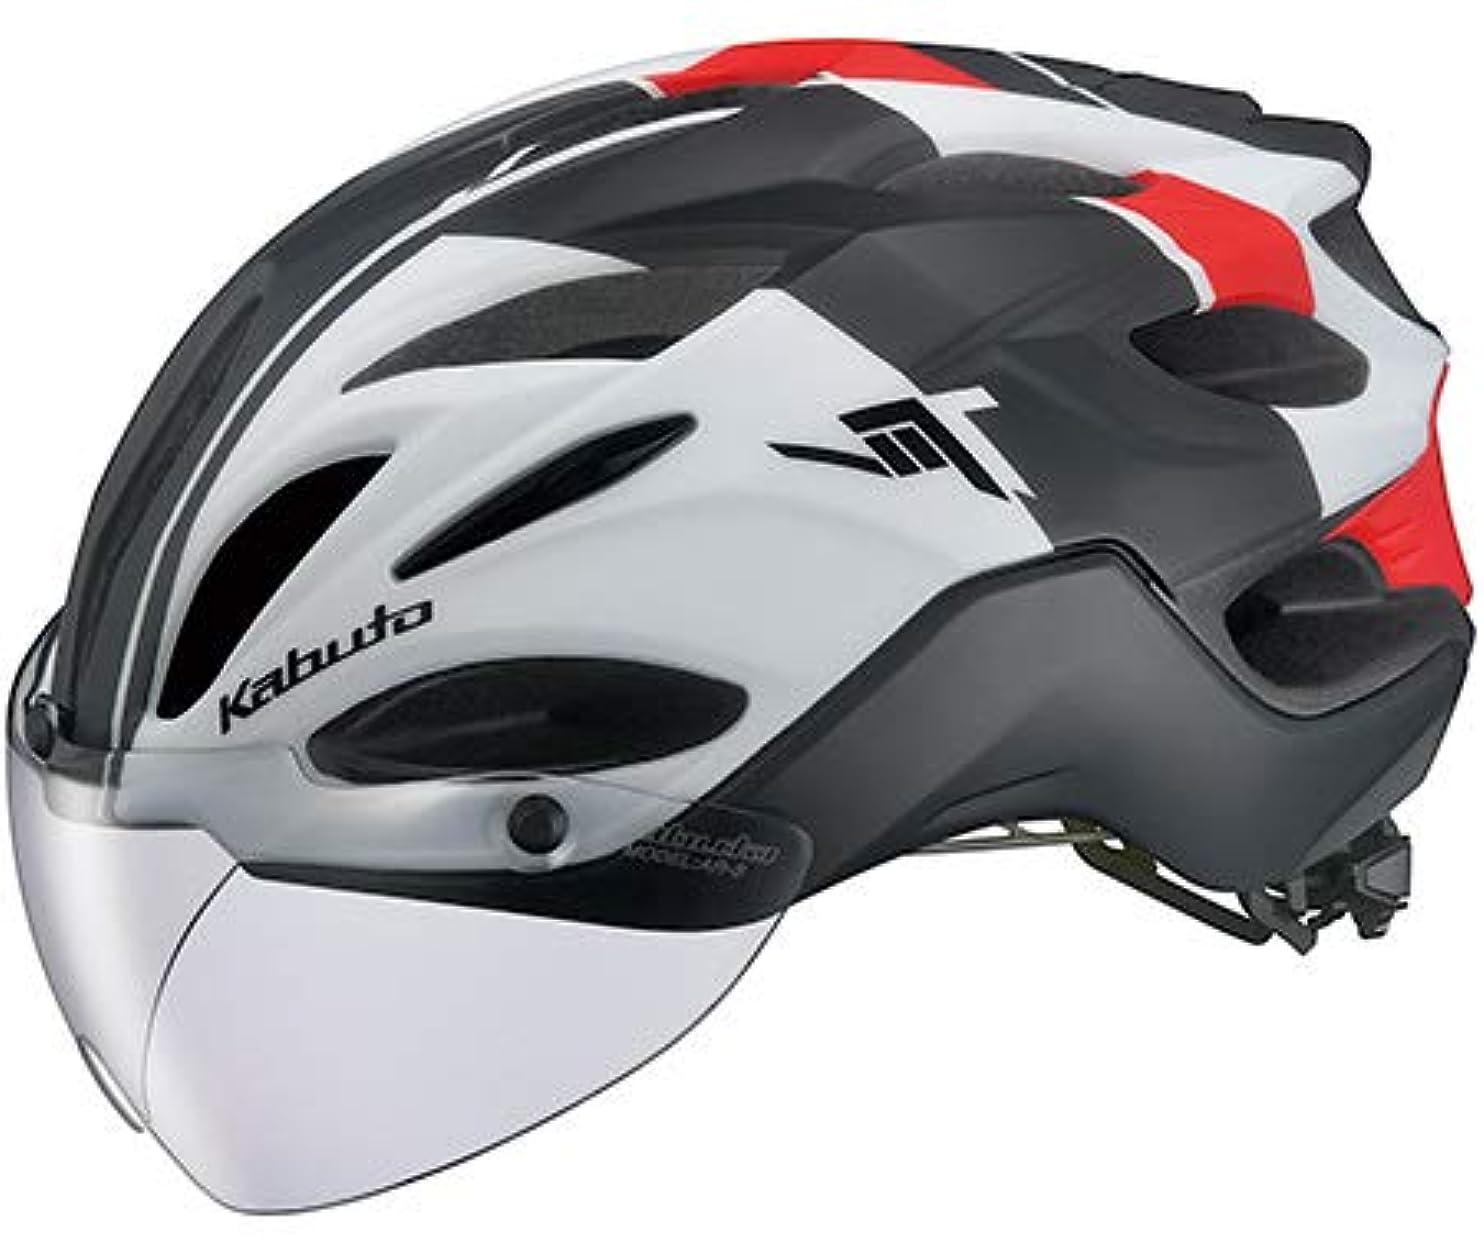 登場前者統治可能OGK Kabuto オージーケーカブト VITT ヴィット Lサイズ G-1マットホワイトレッド ヘルメット